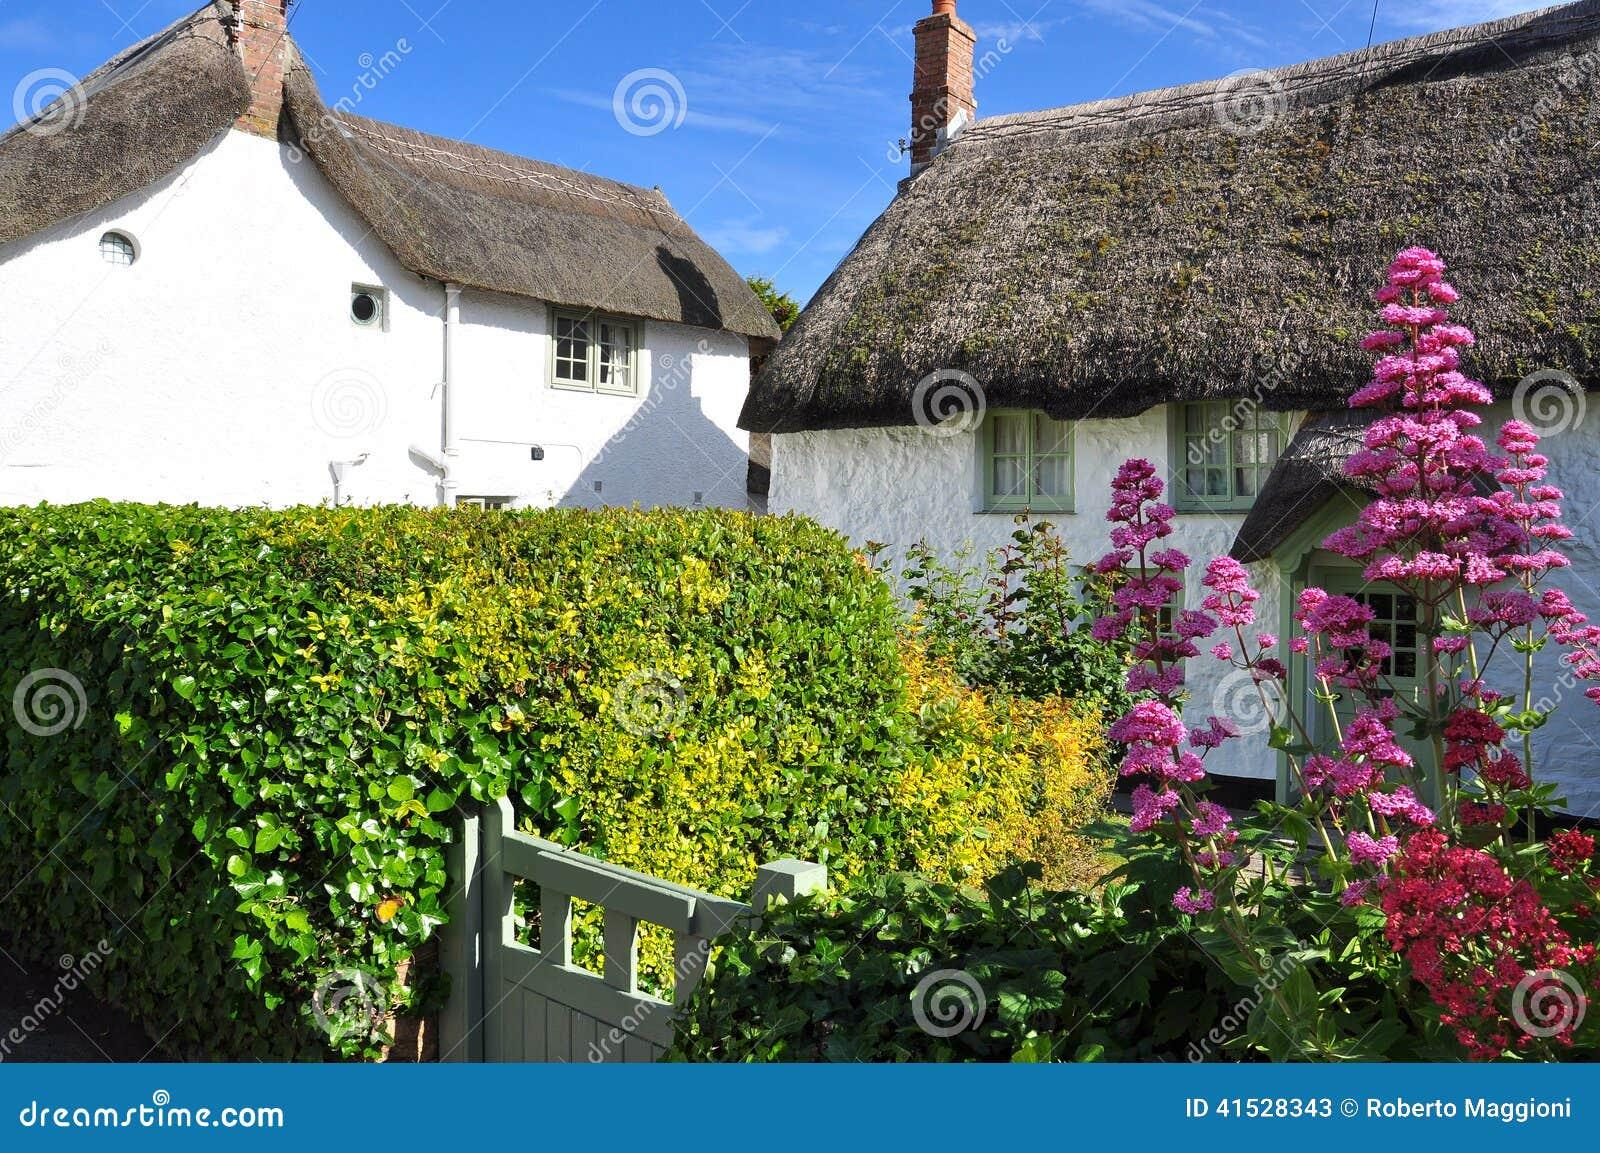 Maison de toit couvert de chaume les cornouailles angleterre r u image stock image du - Maison en toit de chaume ...